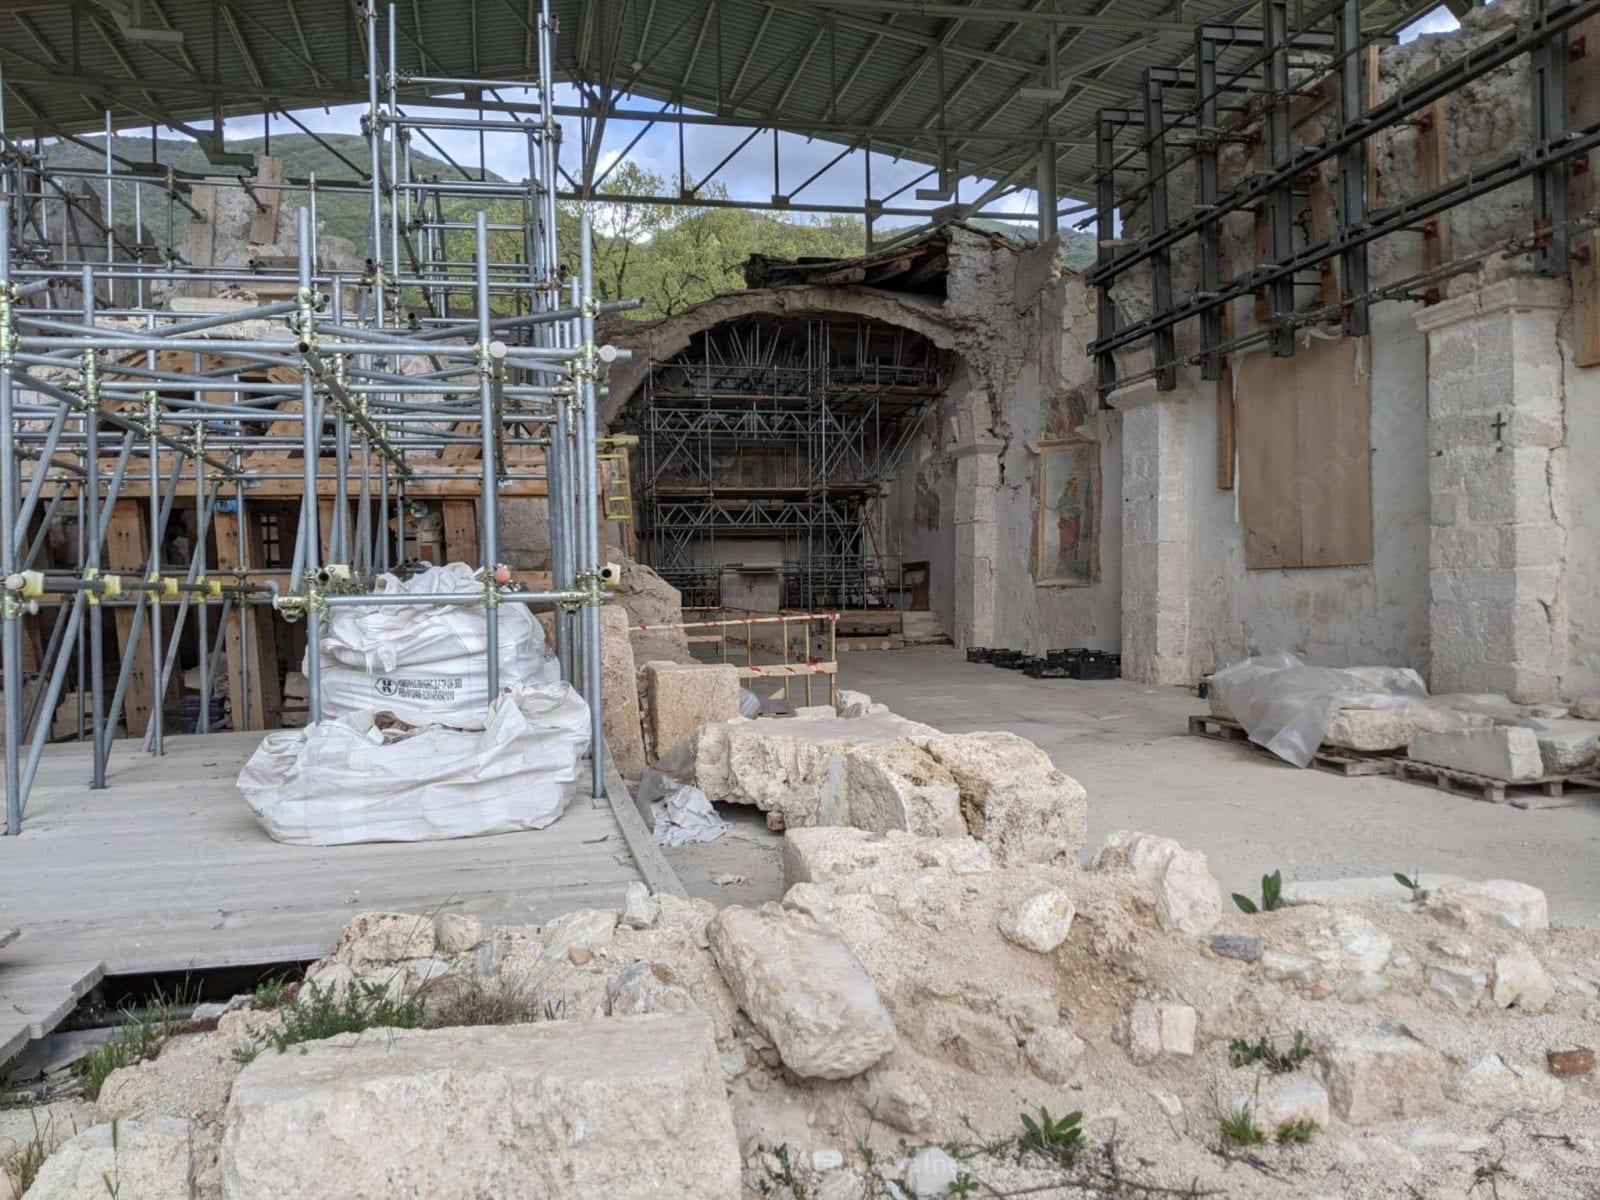 Vieni alla scoperta di San Salvatore con le giornate FAI di Primavera. Contiene il video della prima visita e le informazioni storiche.